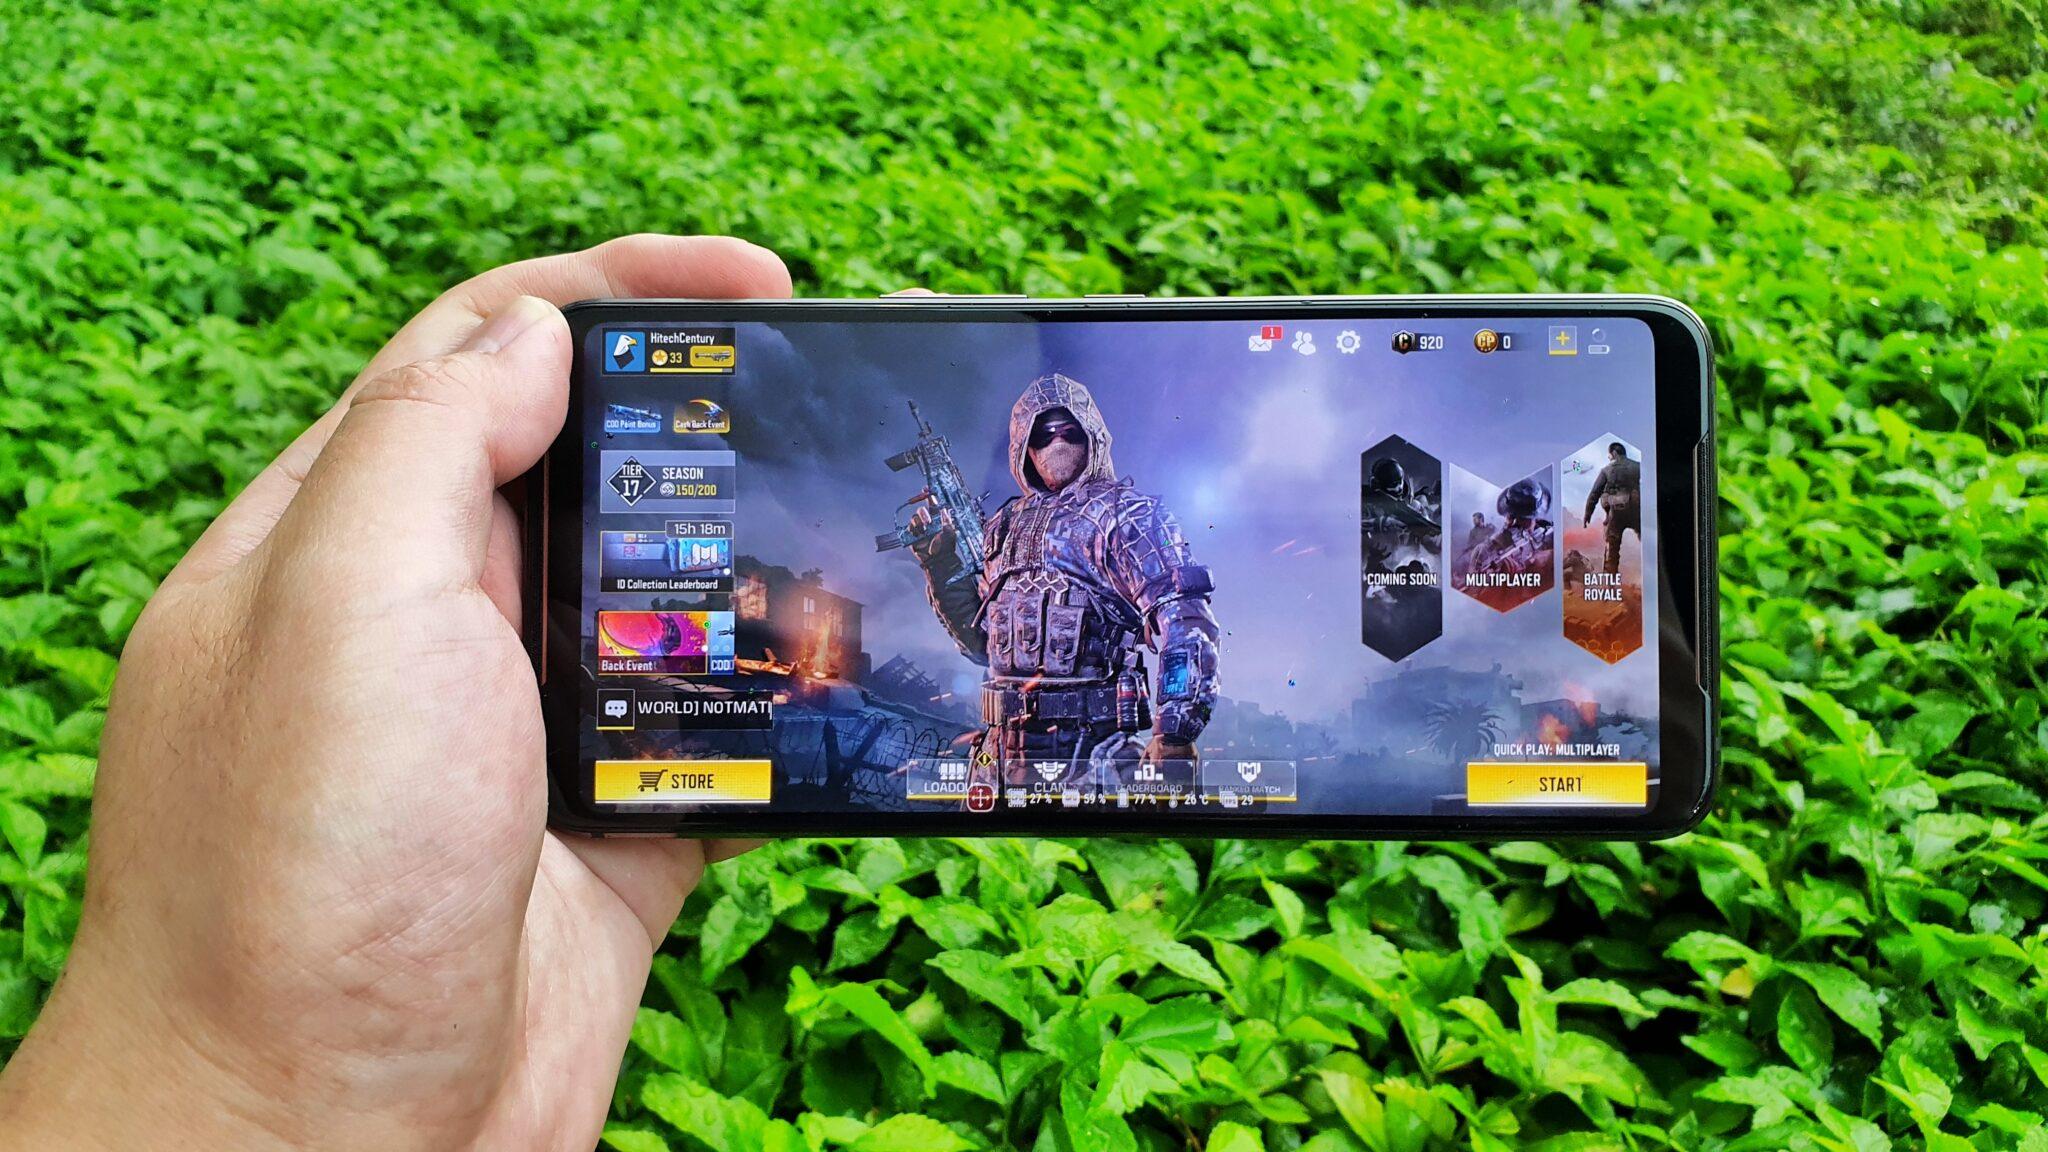 ROG Phone 2 gameplay